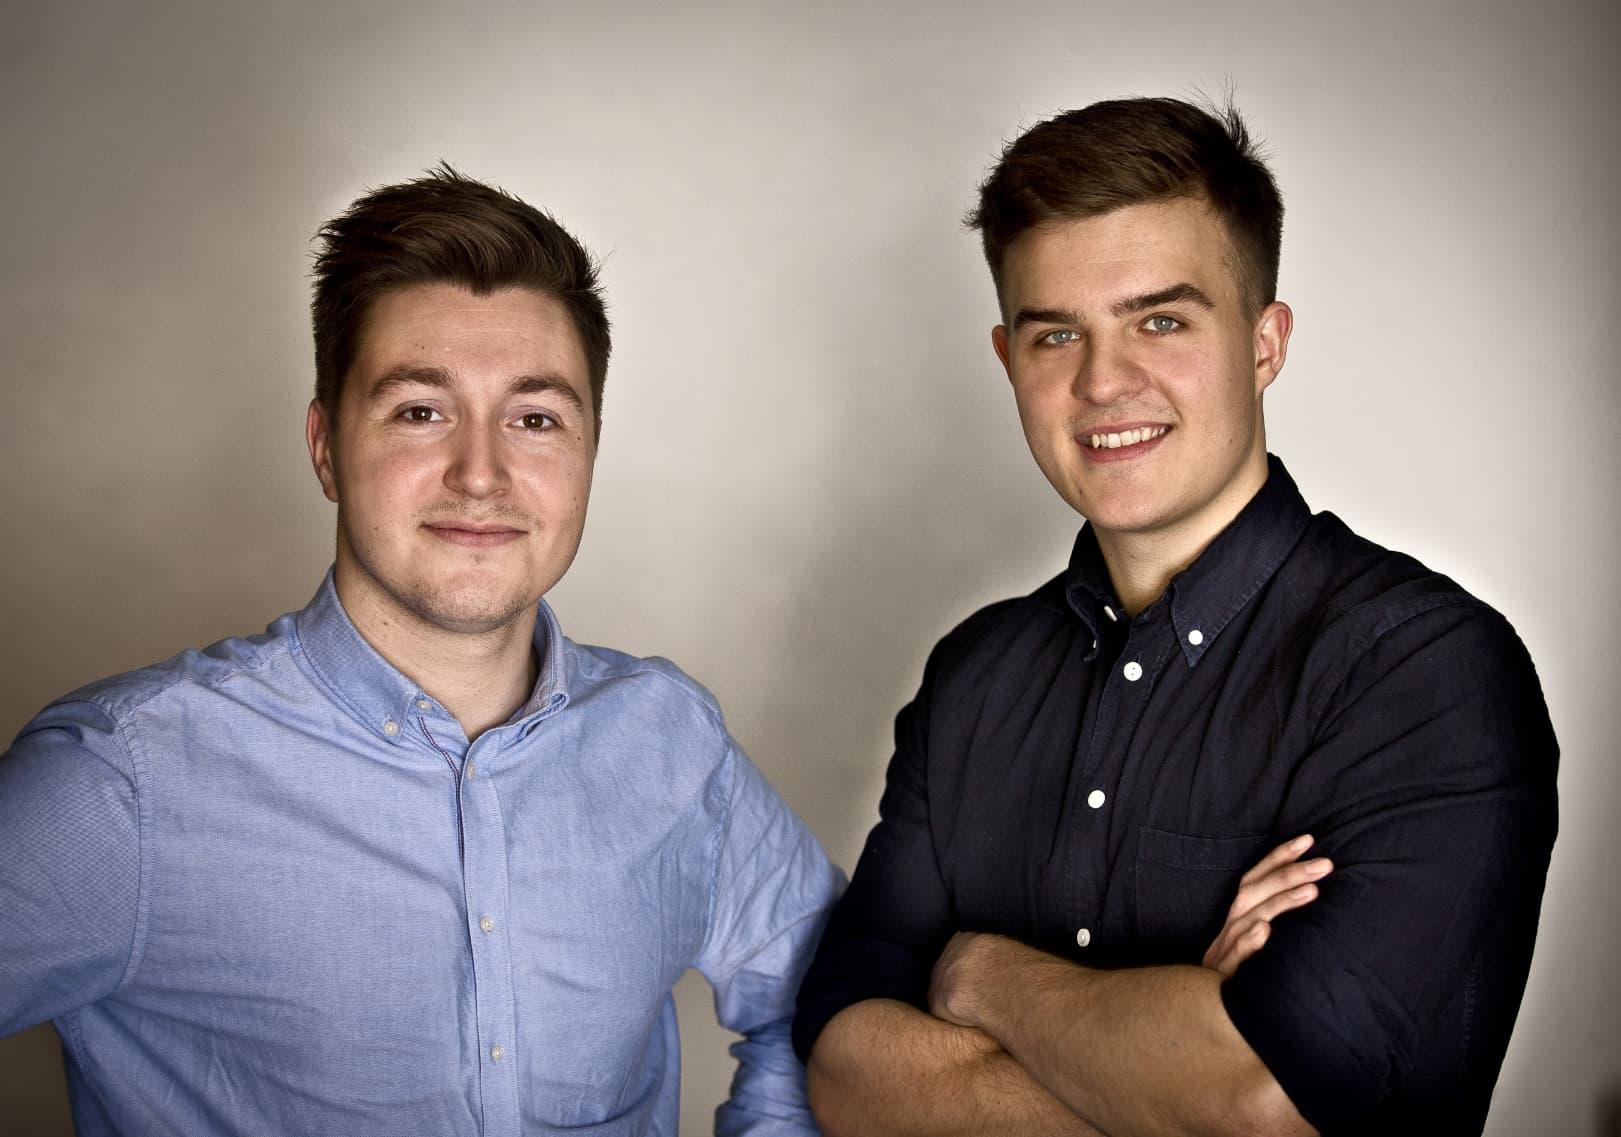 Co-fundadores Kasper Langmann e Mikkel Sciegienny